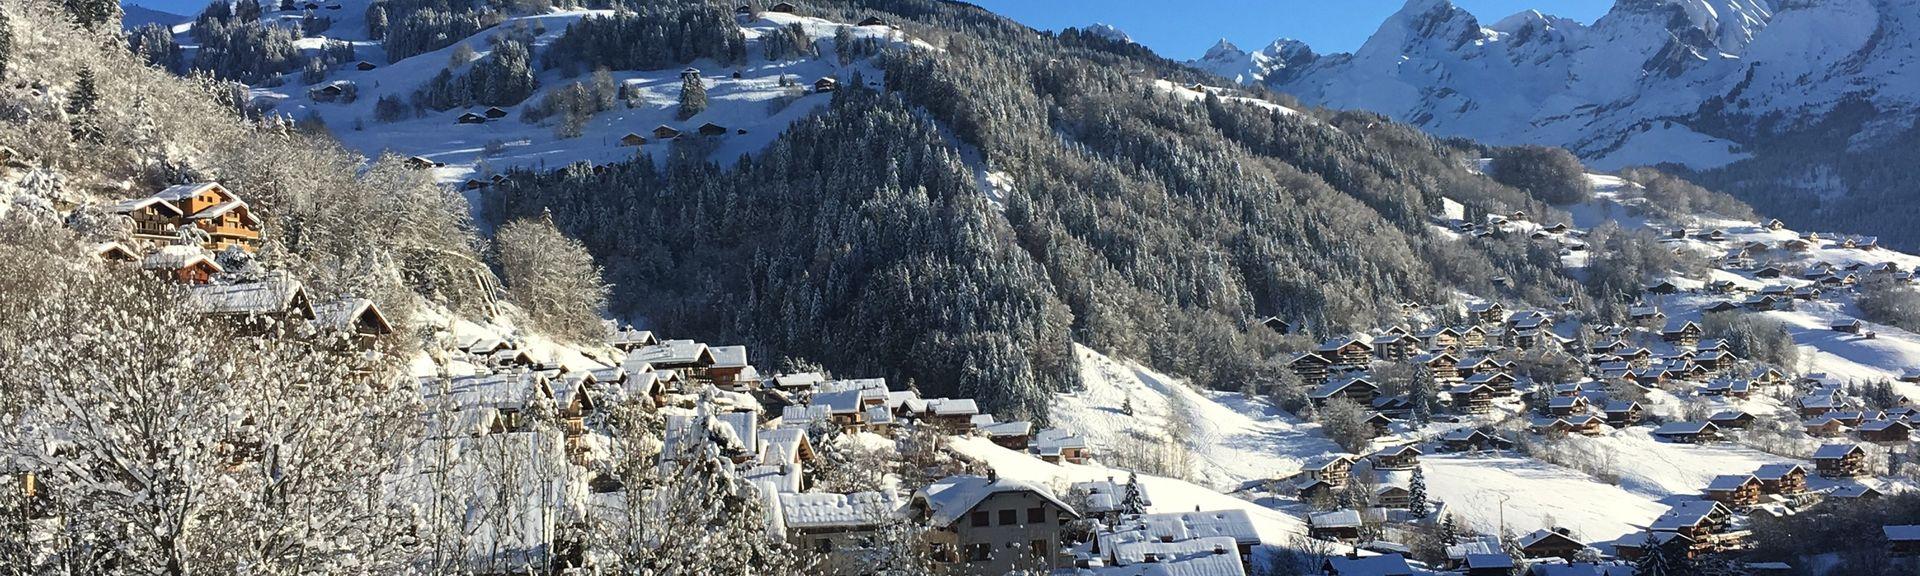 Villaz, Haute-Savoie (department), France